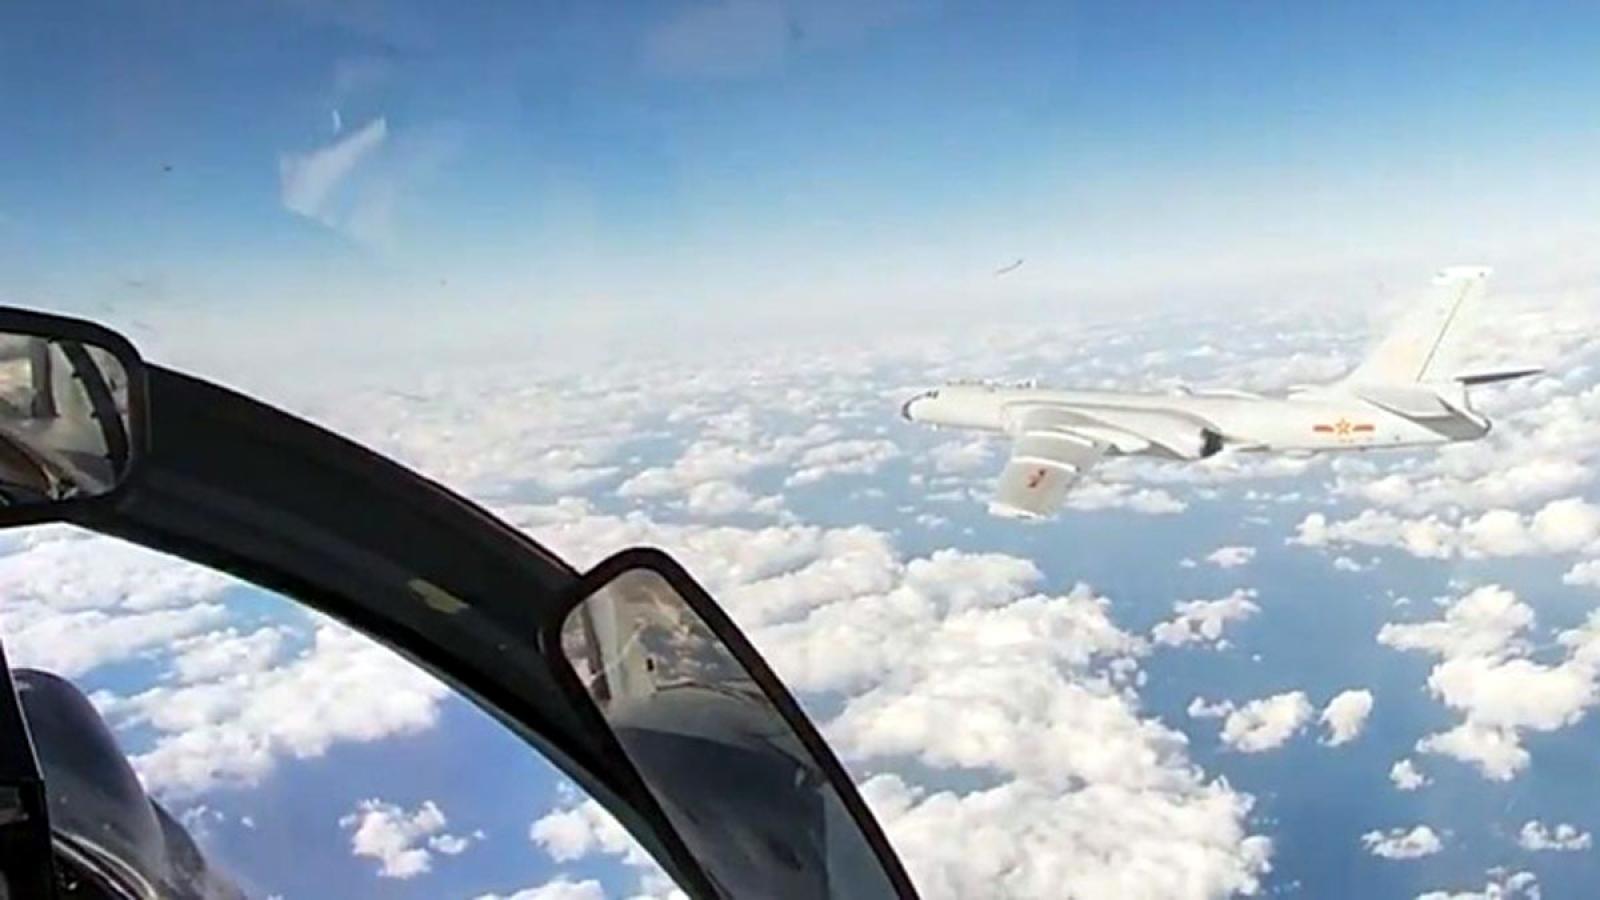 Trung Quốc khẳng định có quyền tự do hàng không tại ADIZ của Hàn Quốc